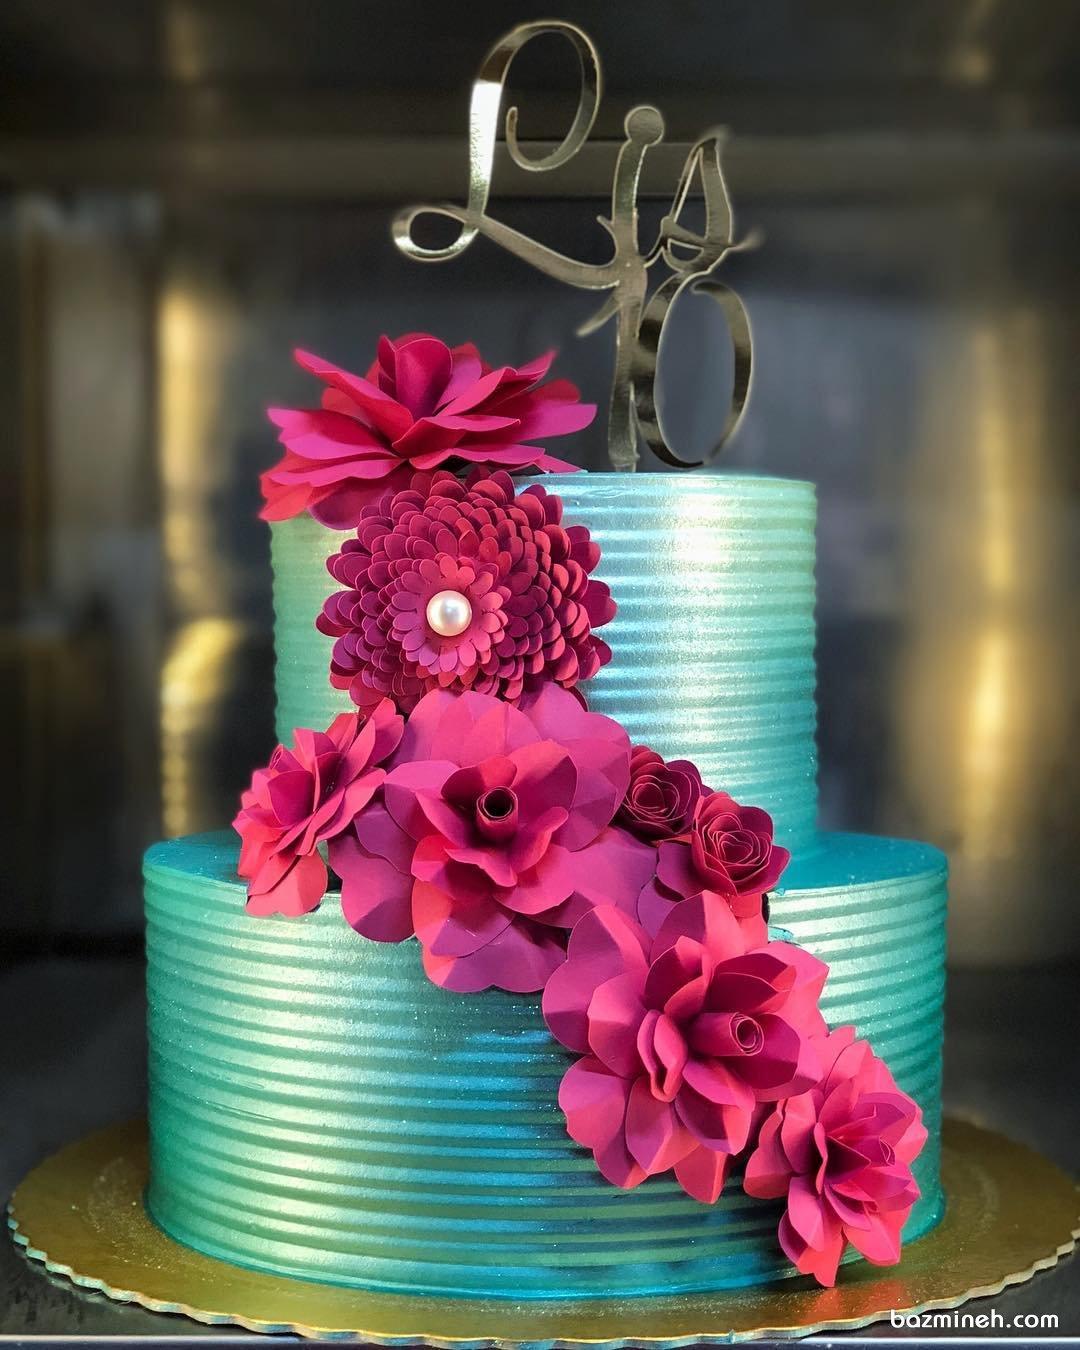 کیک دو طبقه جشن تولد تزیین شده با گل های کاغذی سرخابی